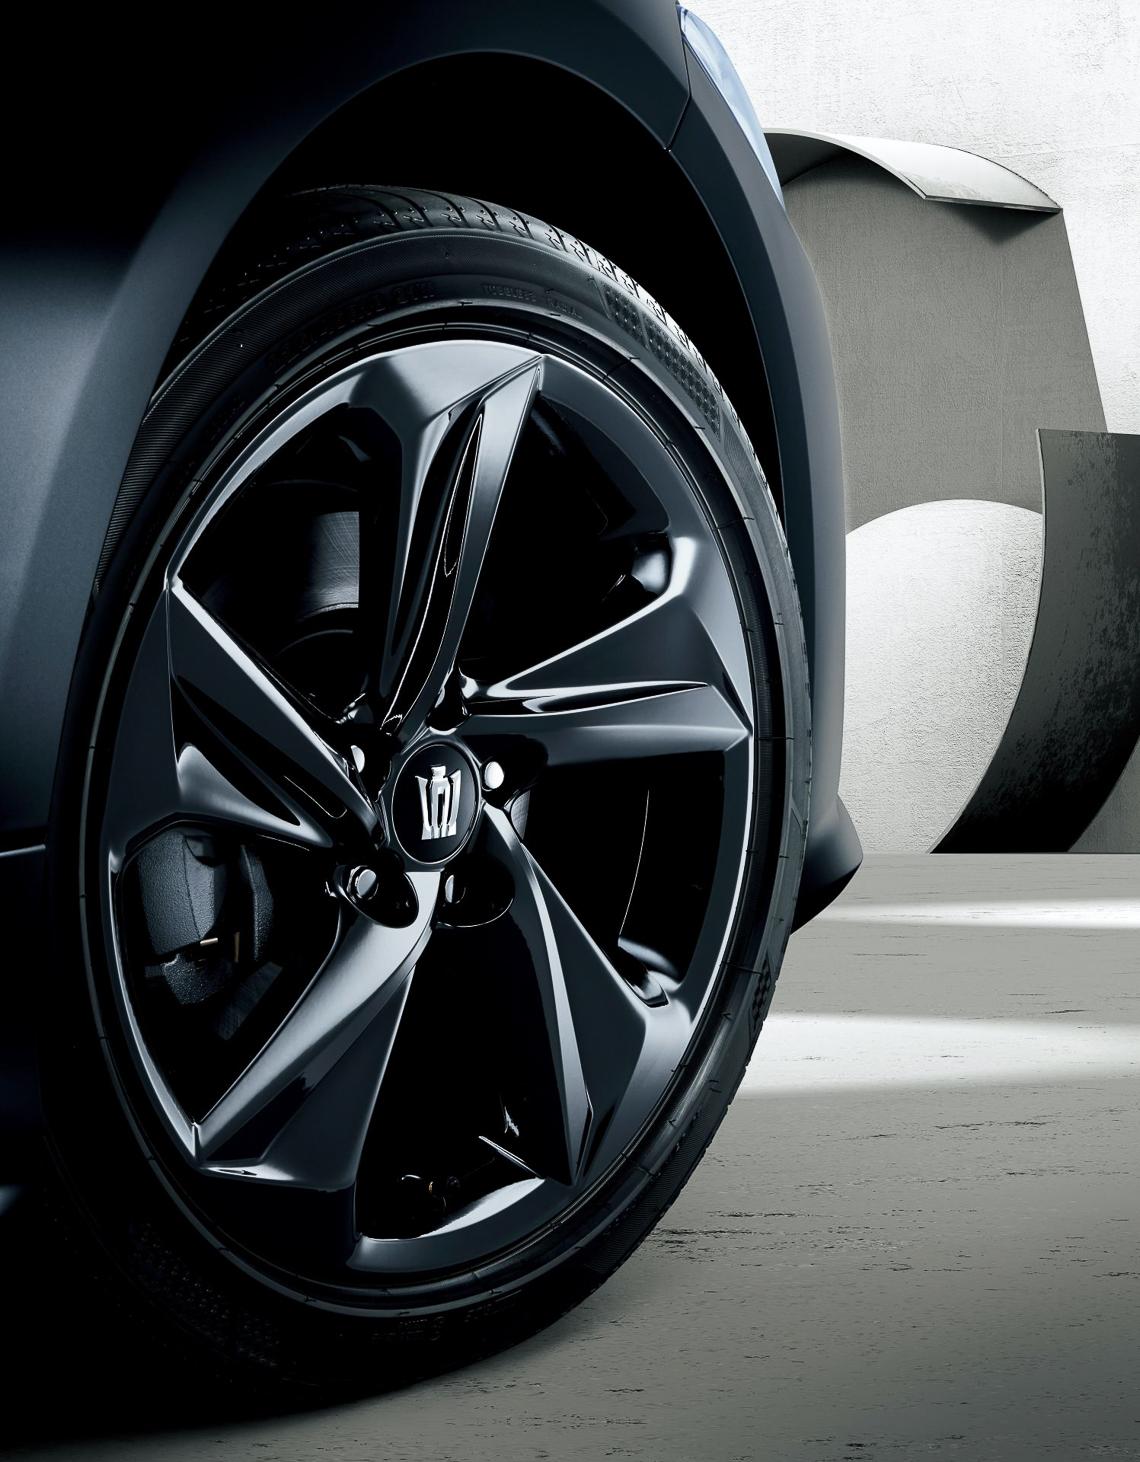 Toyota Crown phiên bản kỷ niệm 65 tuổi của mẫu xe huyền thoại - 02